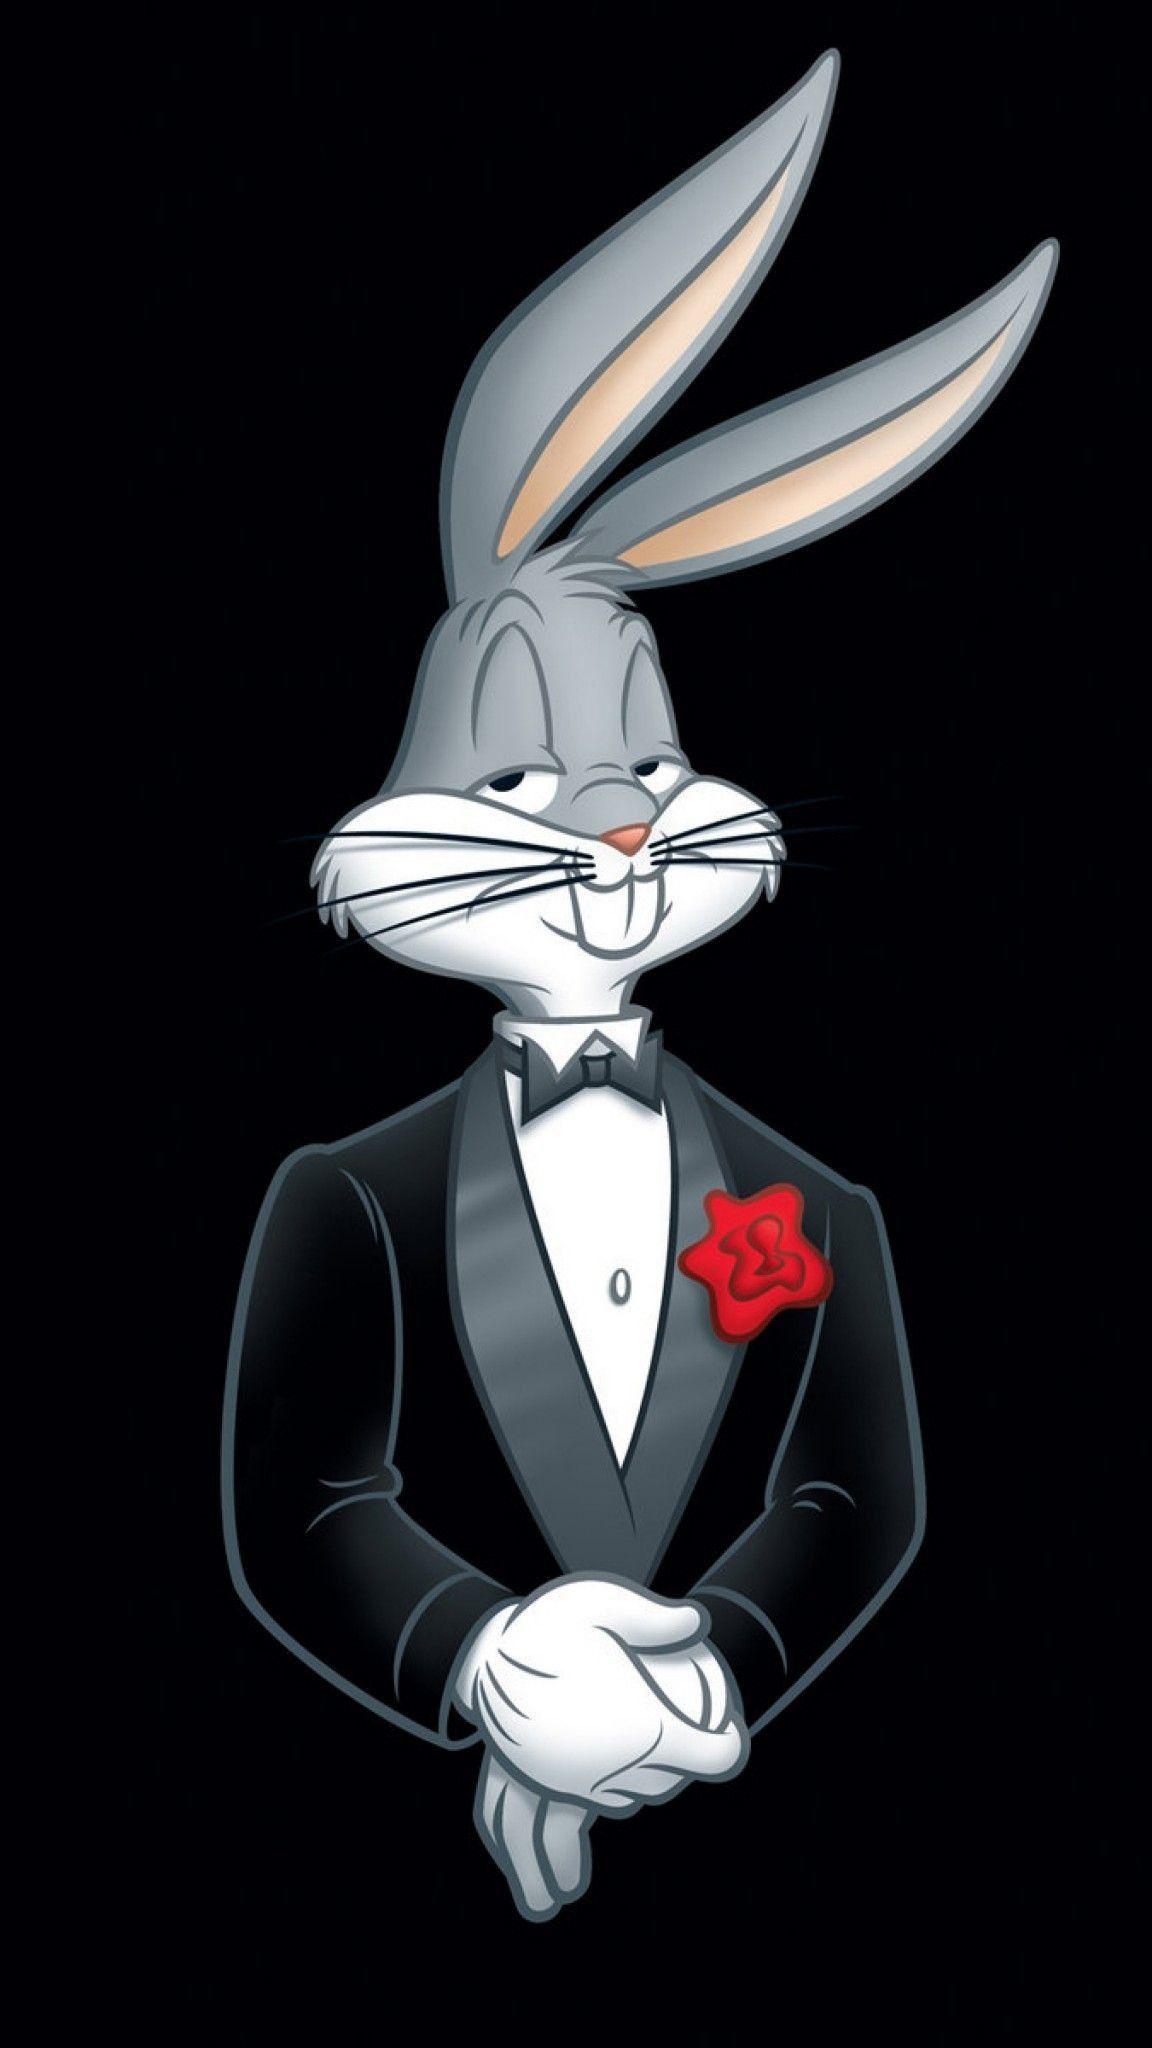 Res 1152x2048 Looney Tunes Bugs Bunny Rabbit Tuxedo Flower